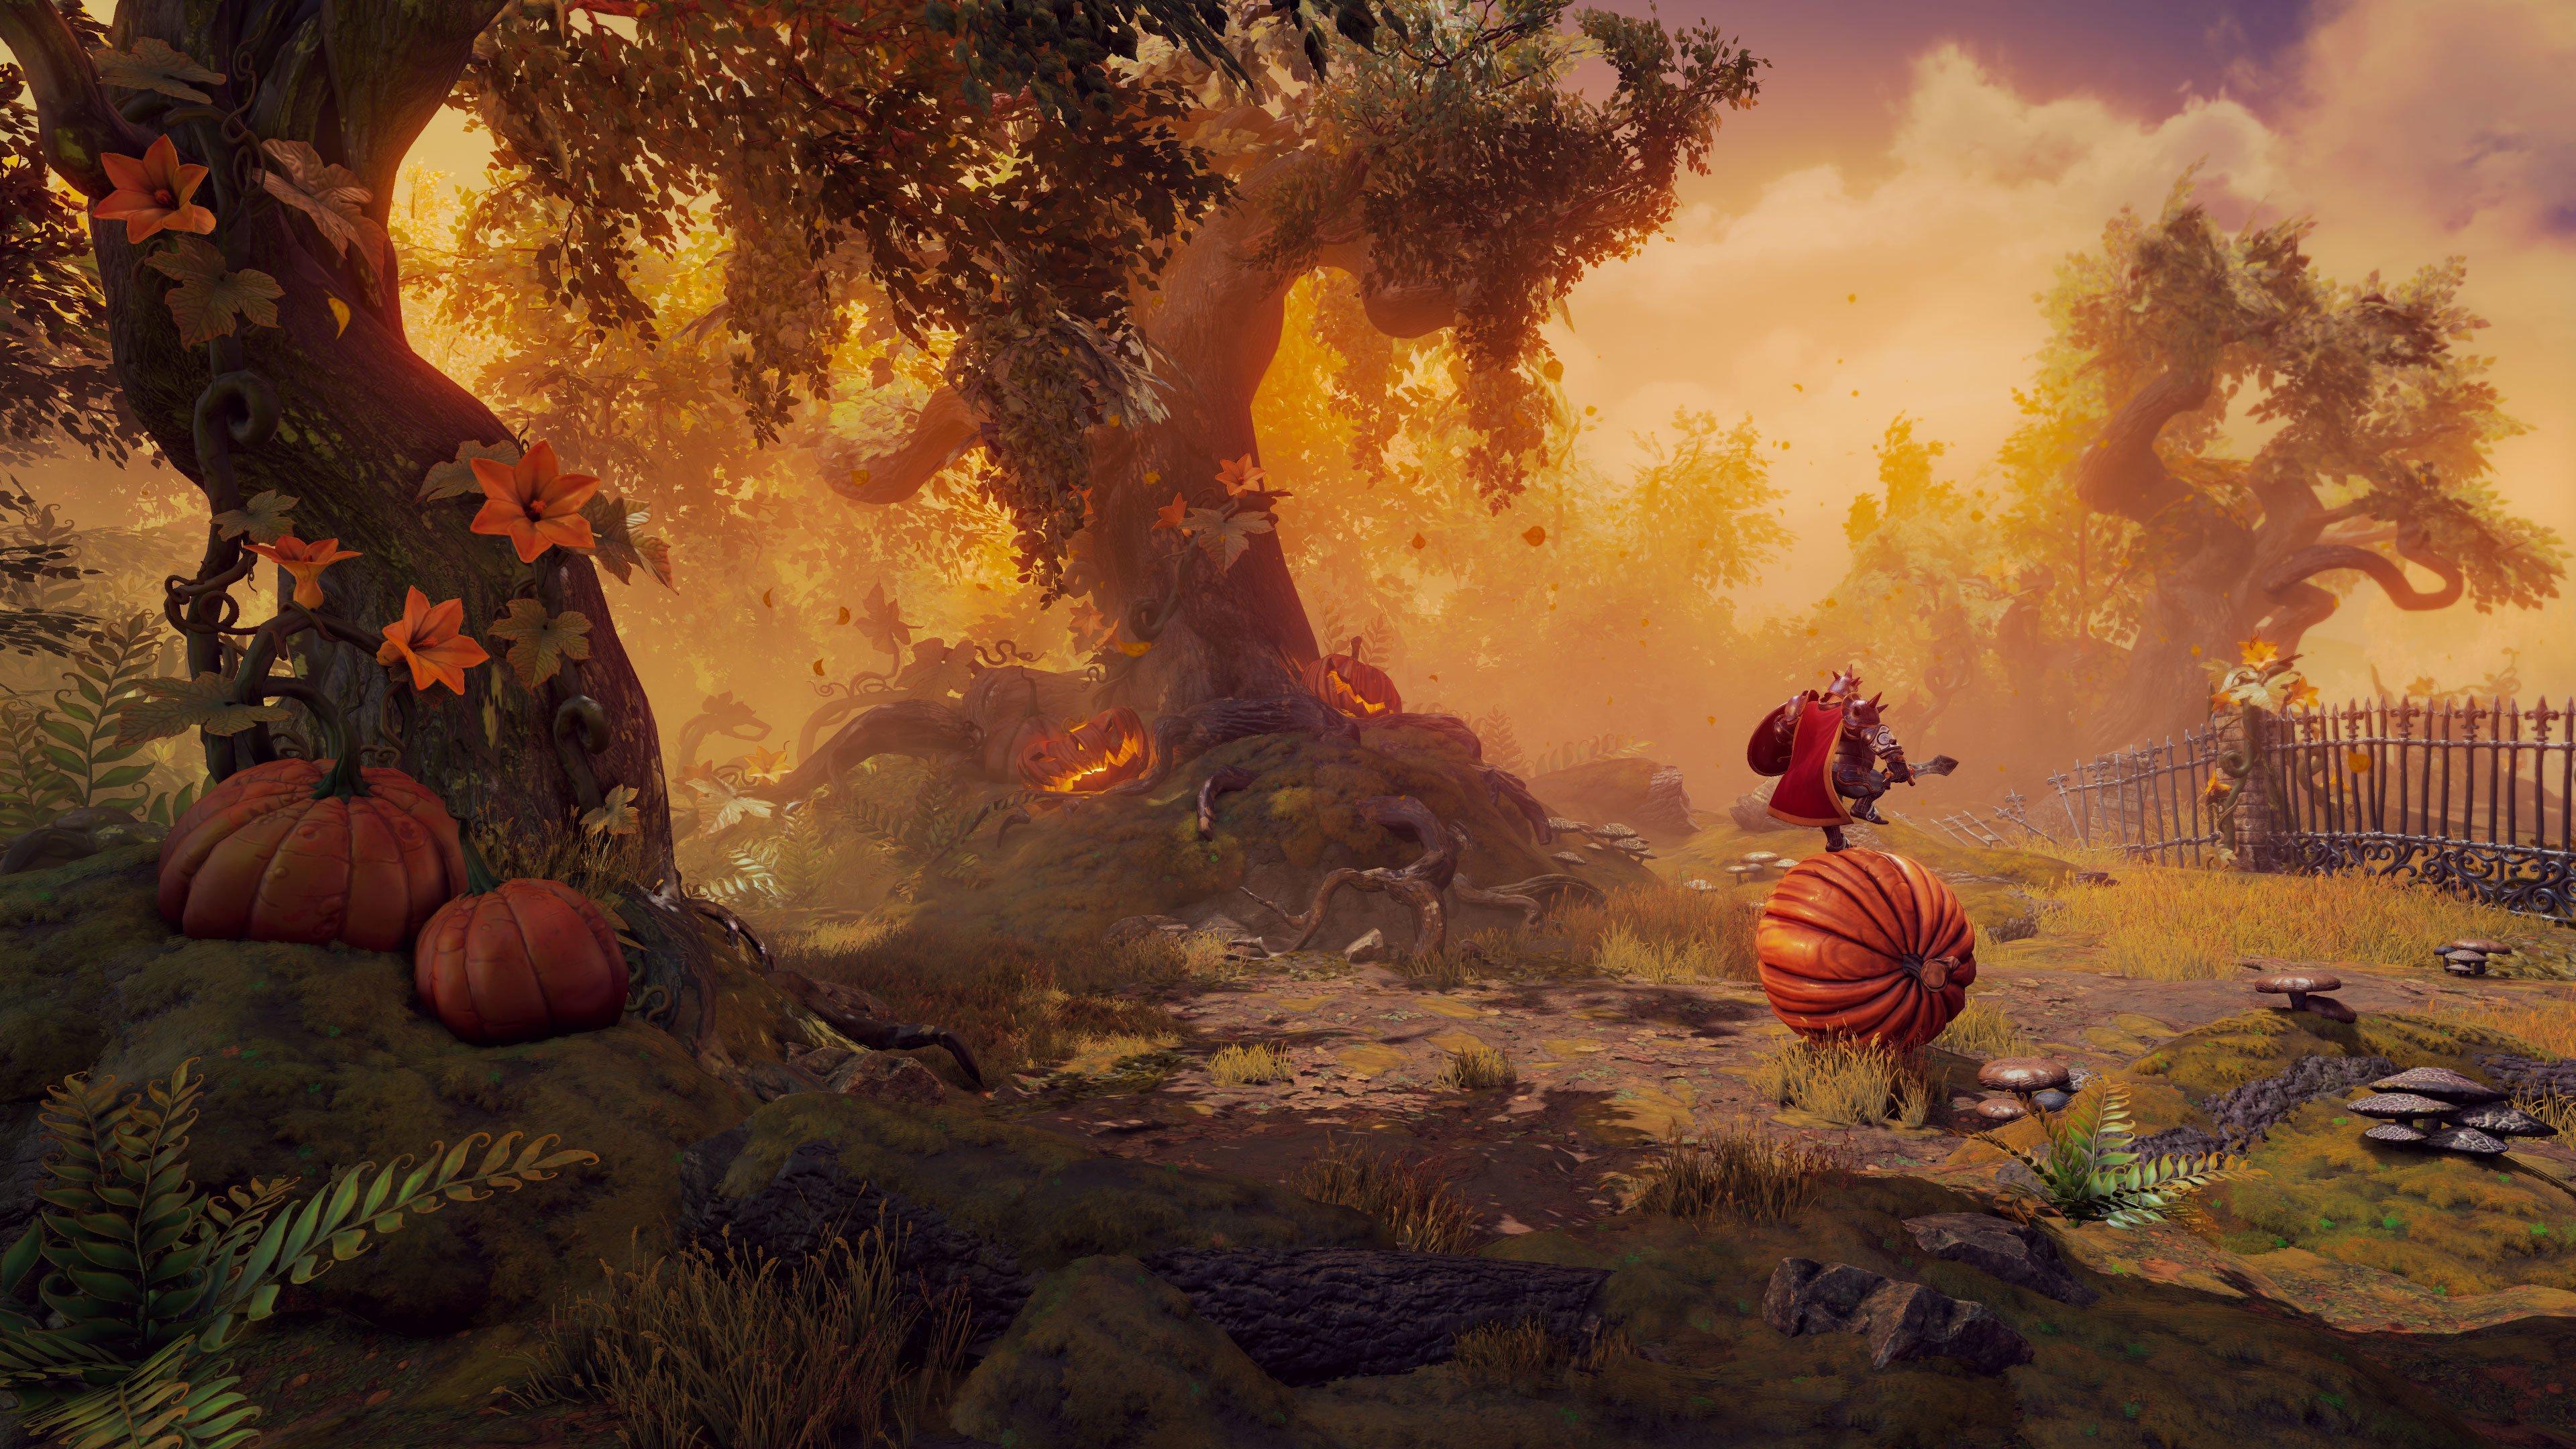 Dobra nowina dla fanów gier przygodowo-platformowych. Nadchodzi Trine 4: The Nightmare Prince